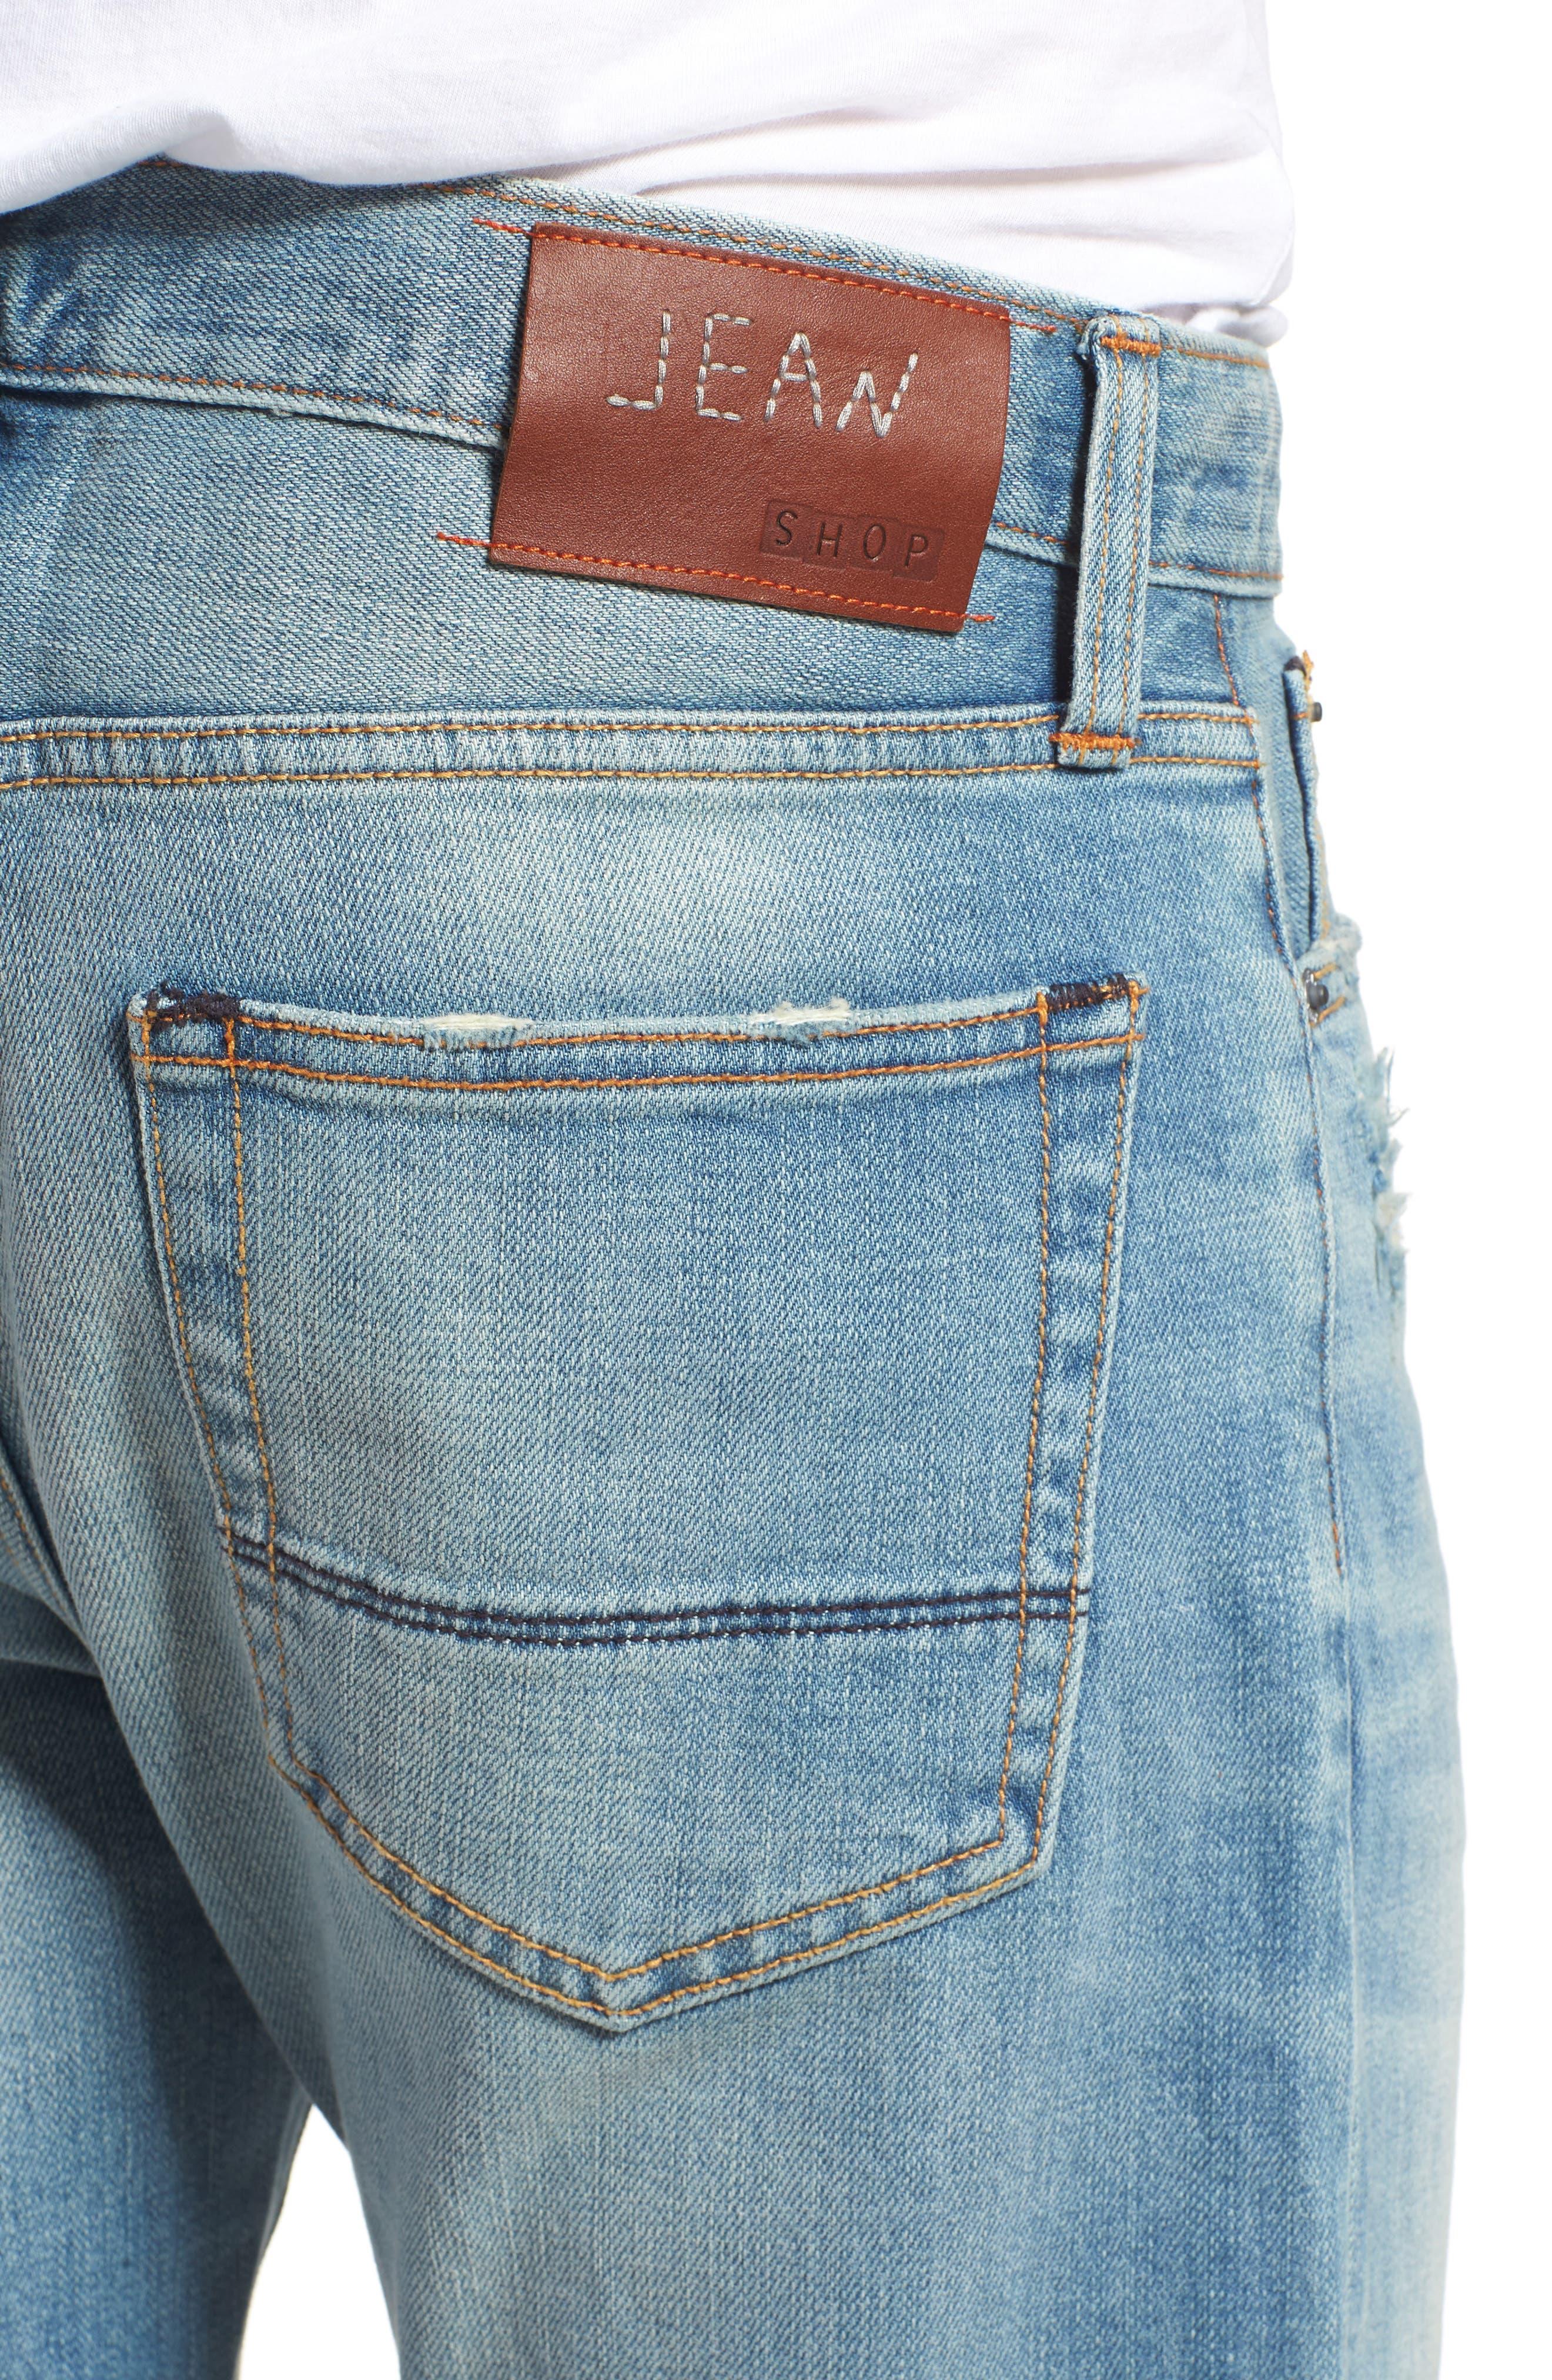 Jim Slim Fit Jeans,                             Alternate thumbnail 4, color,                             HOLLIS